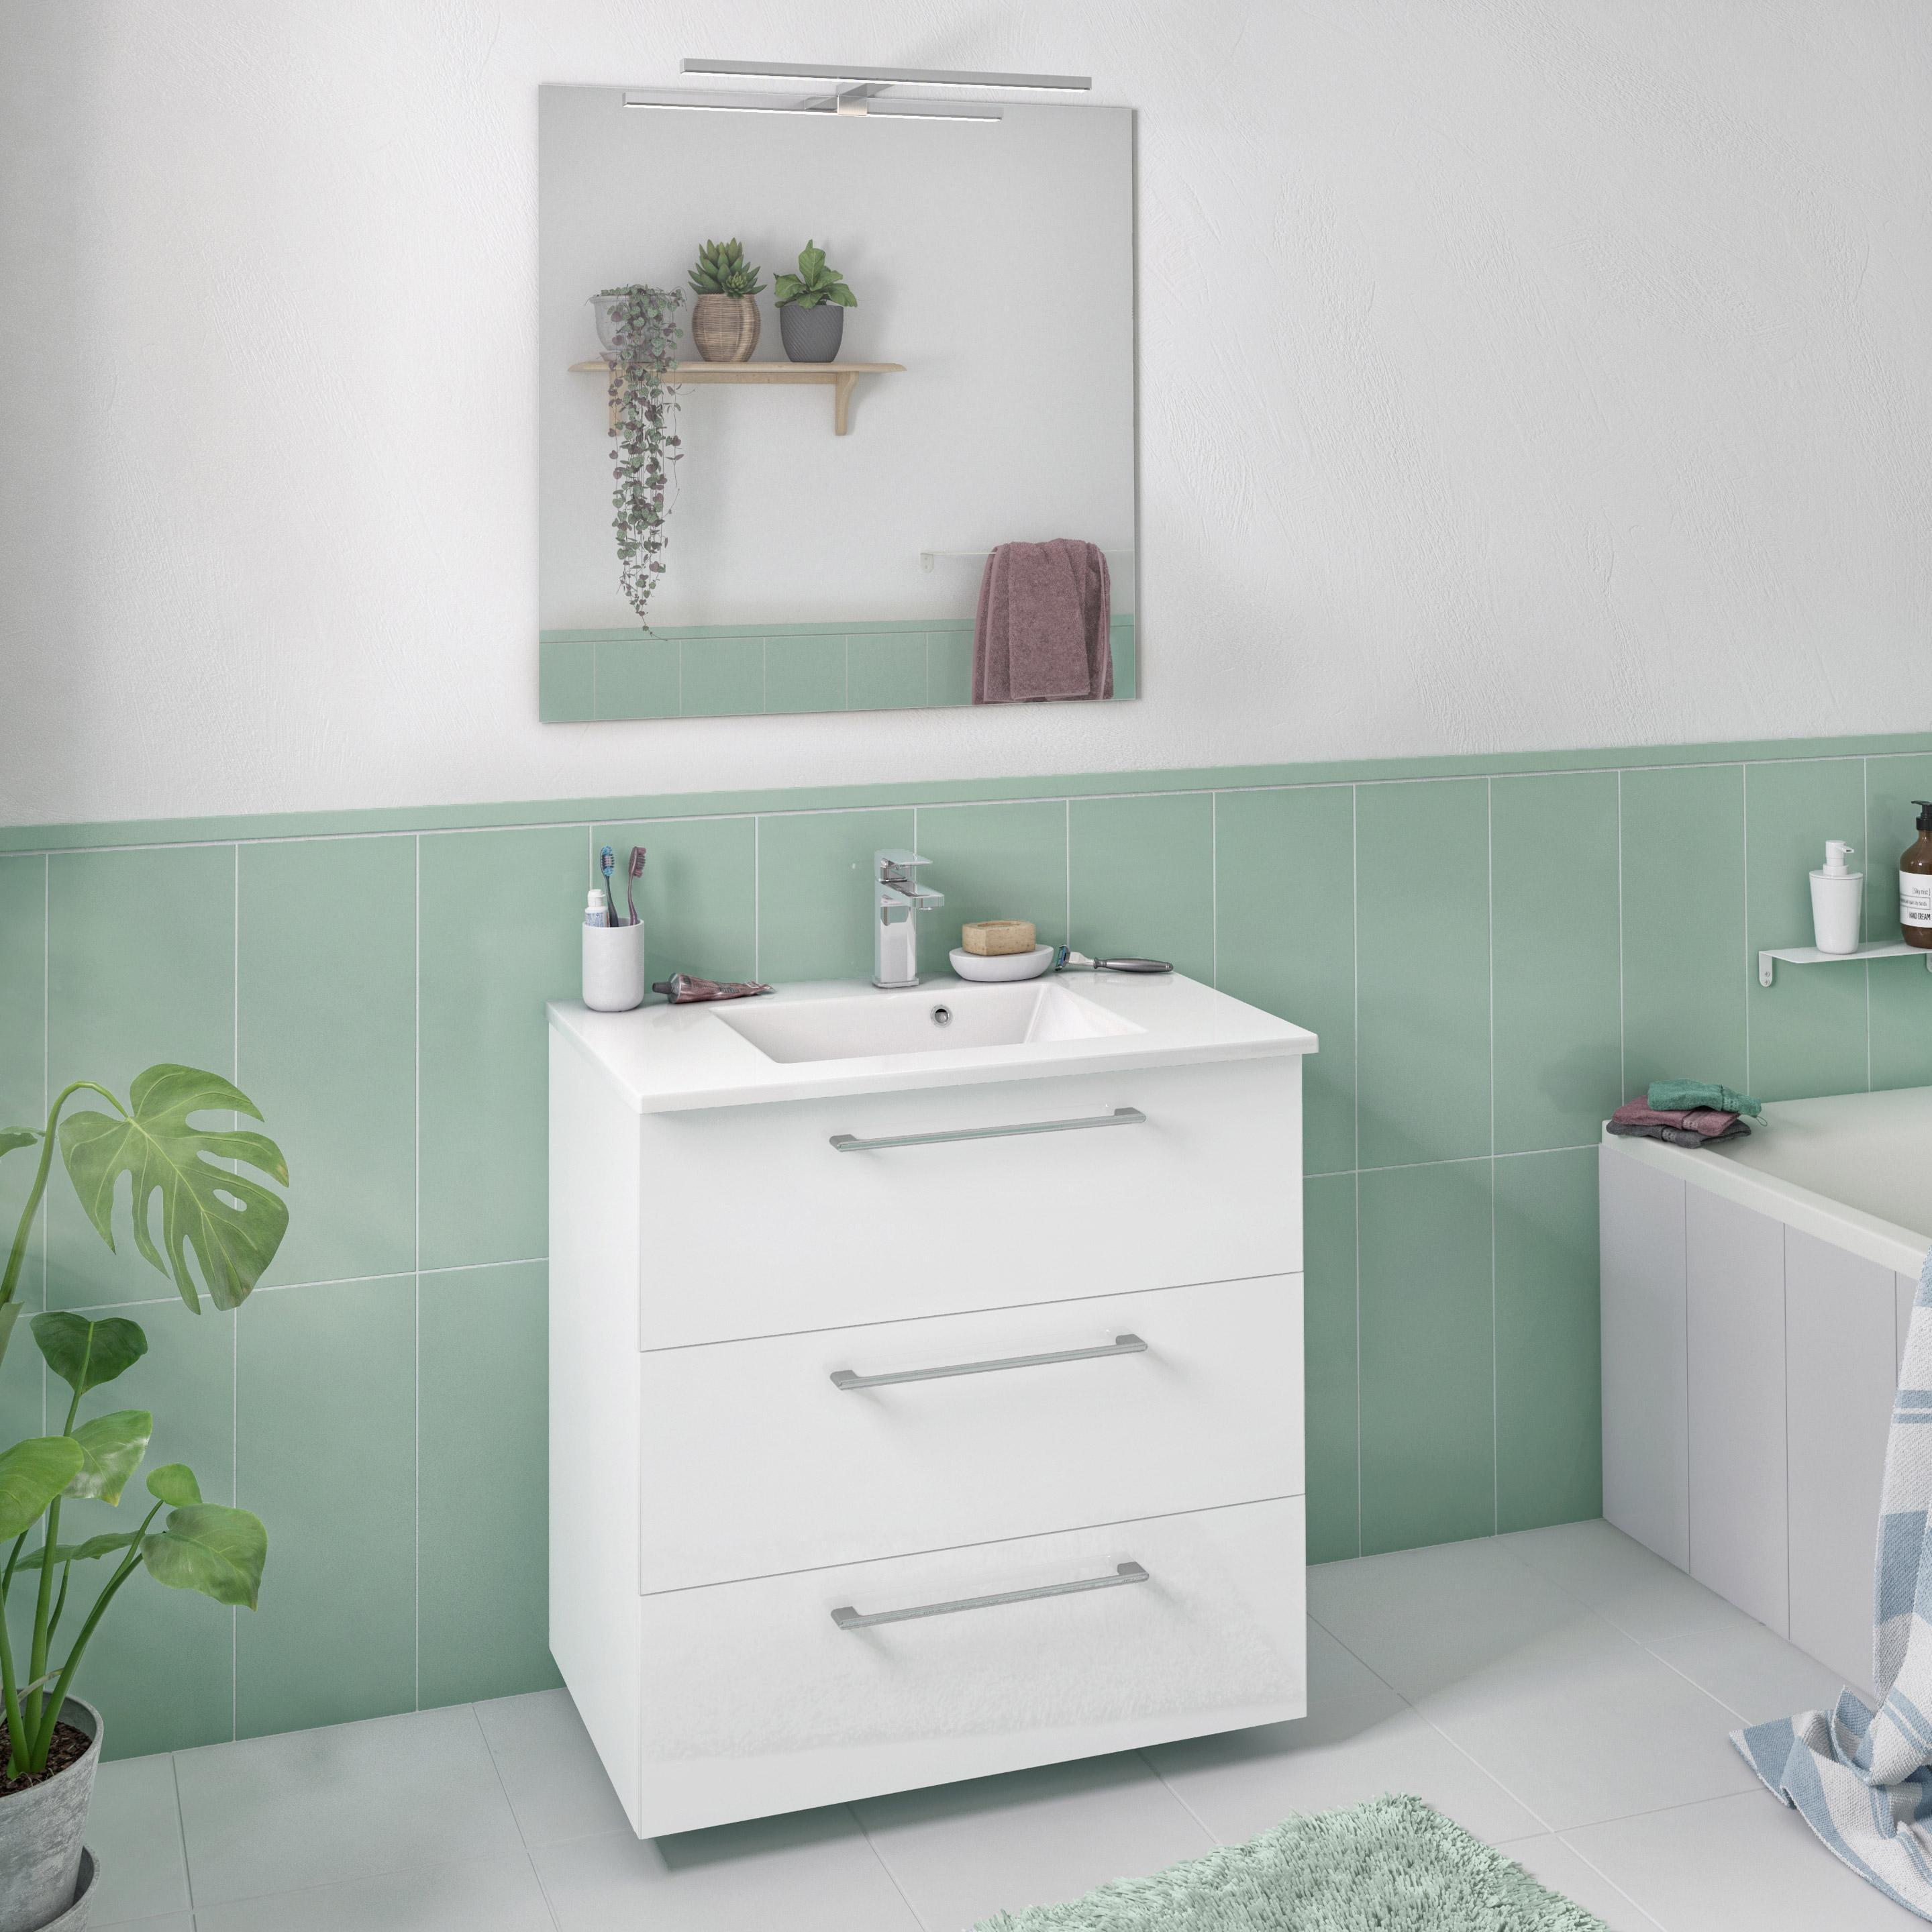 Meuble simple vasque l.20 x H.20 x P.20 cm, blanc 20d, Remix